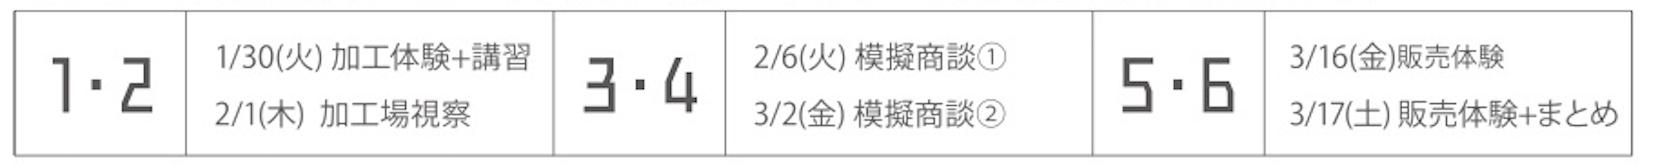 スクリーンショット 2018-01-10 15.00.04